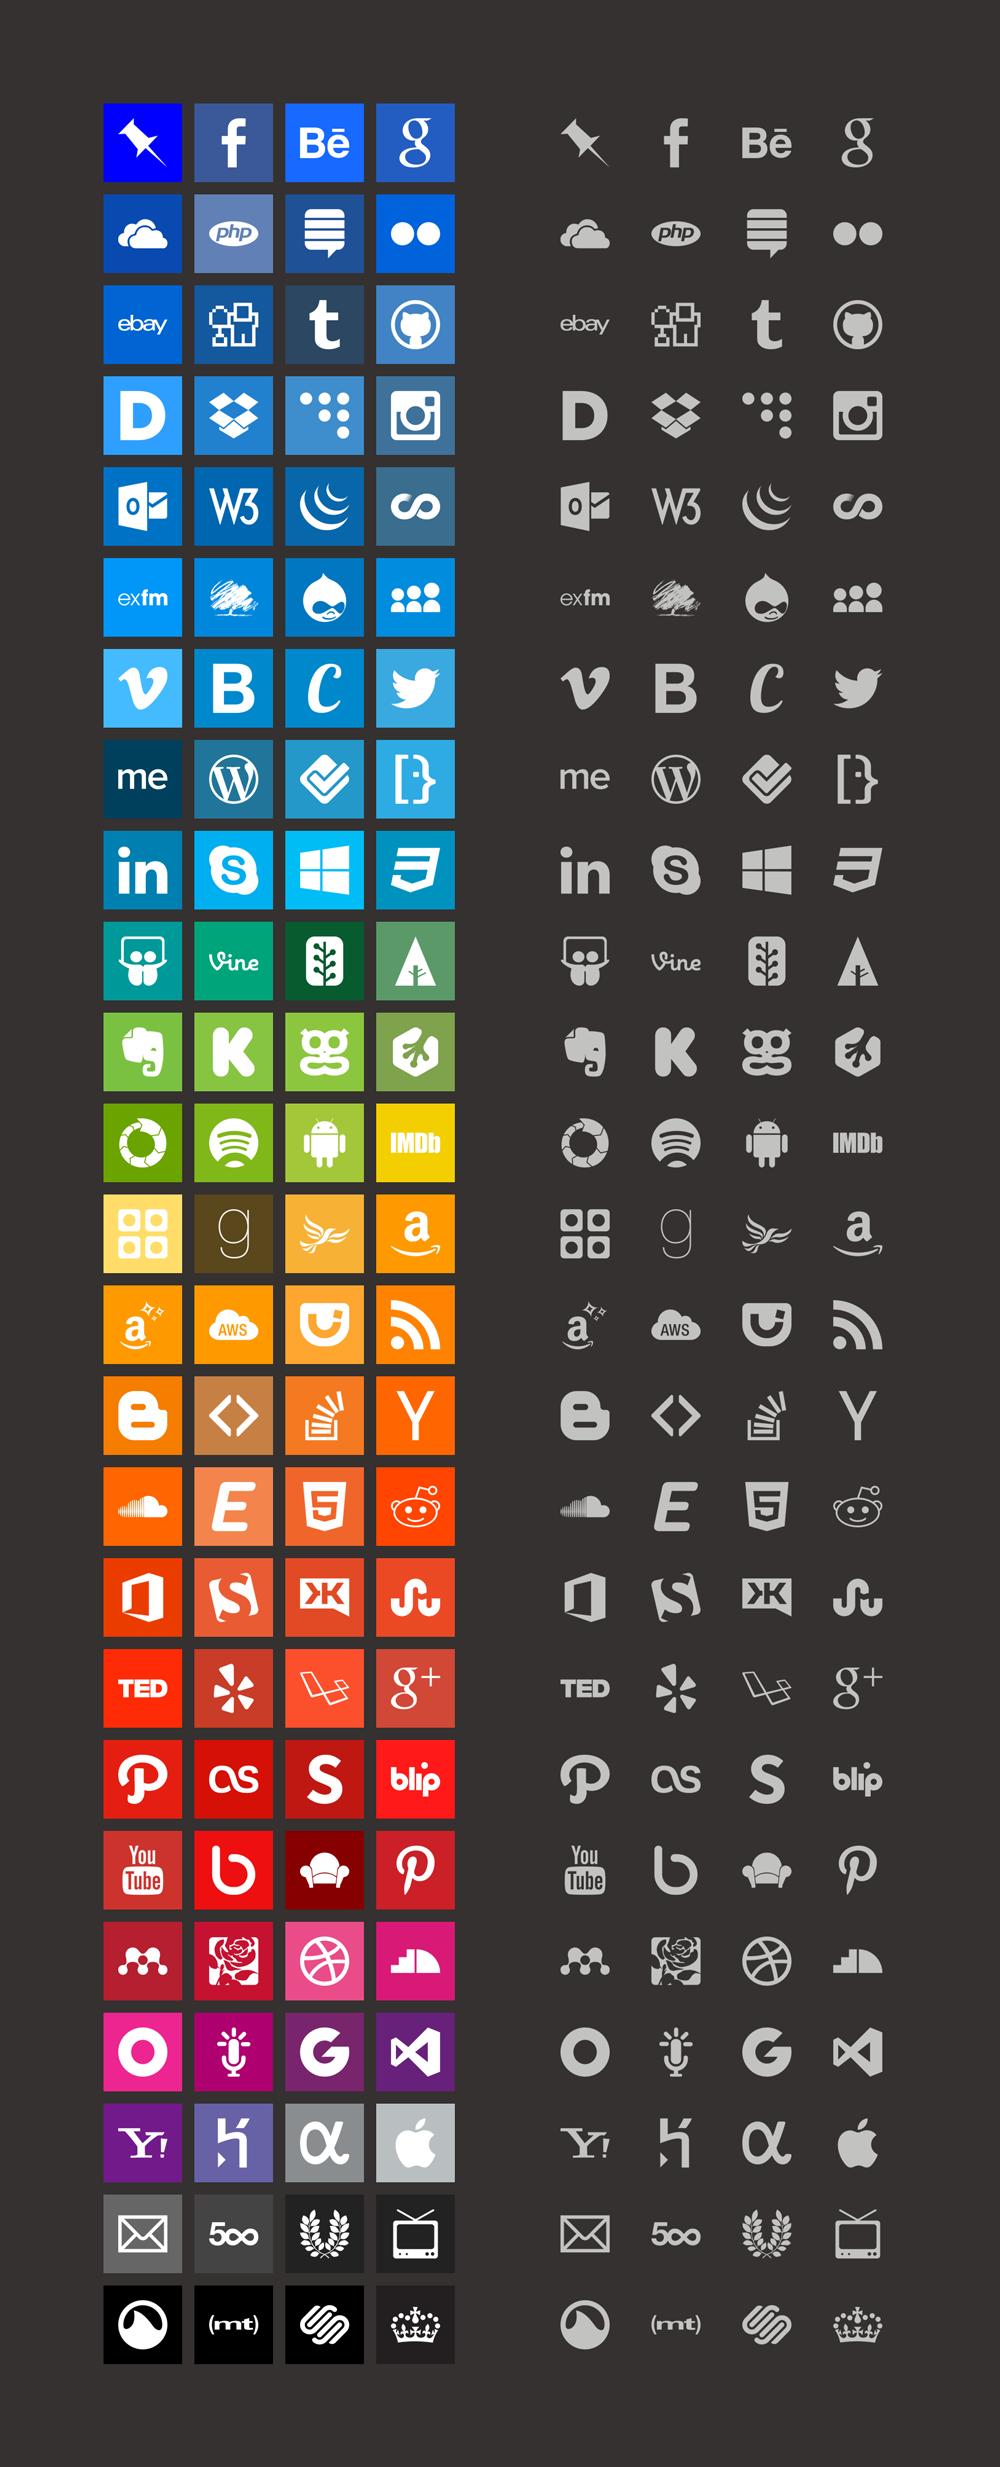 Simple Icons - большой и бесплатный набор иконок известных в интернете брендов, имен и названий в минималистичном стиле